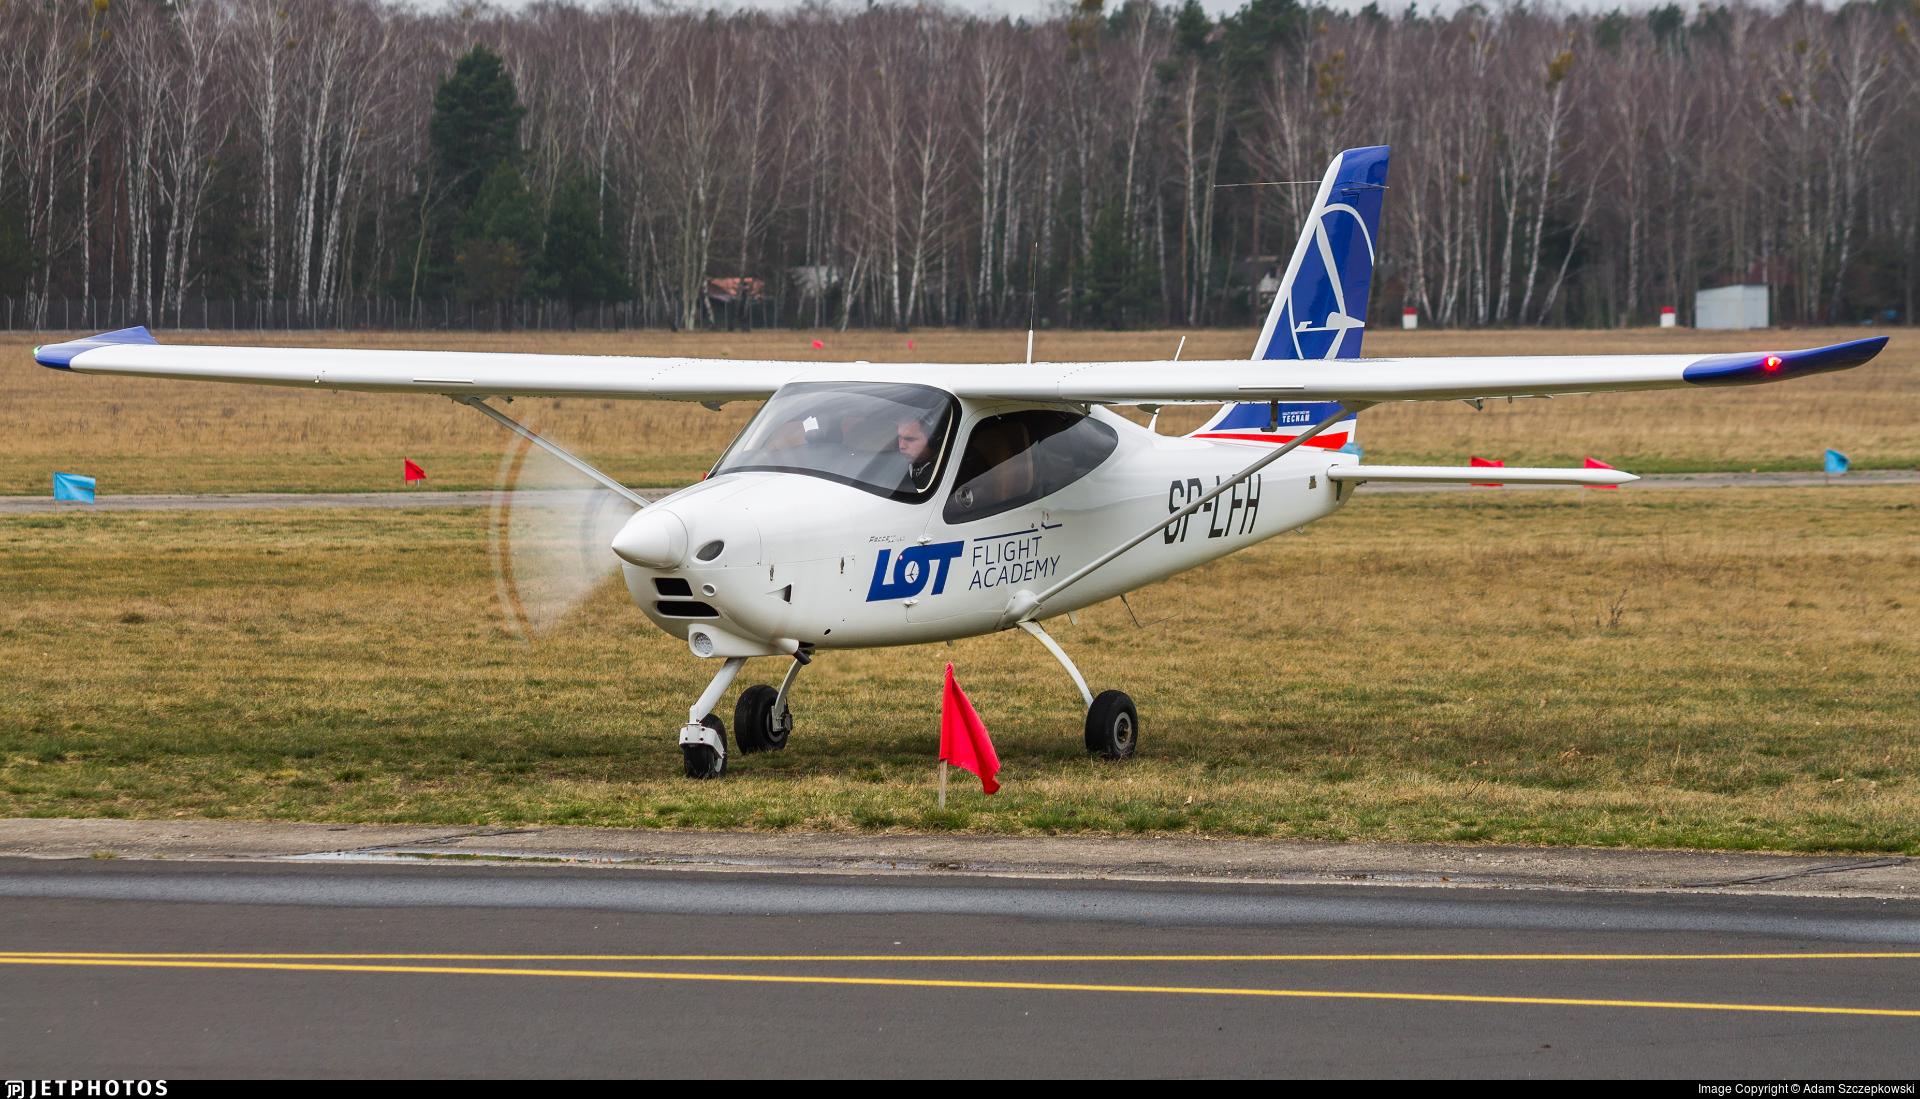 SP-LFH - Tecnam P2008JC MkII - LOT Flight Academy